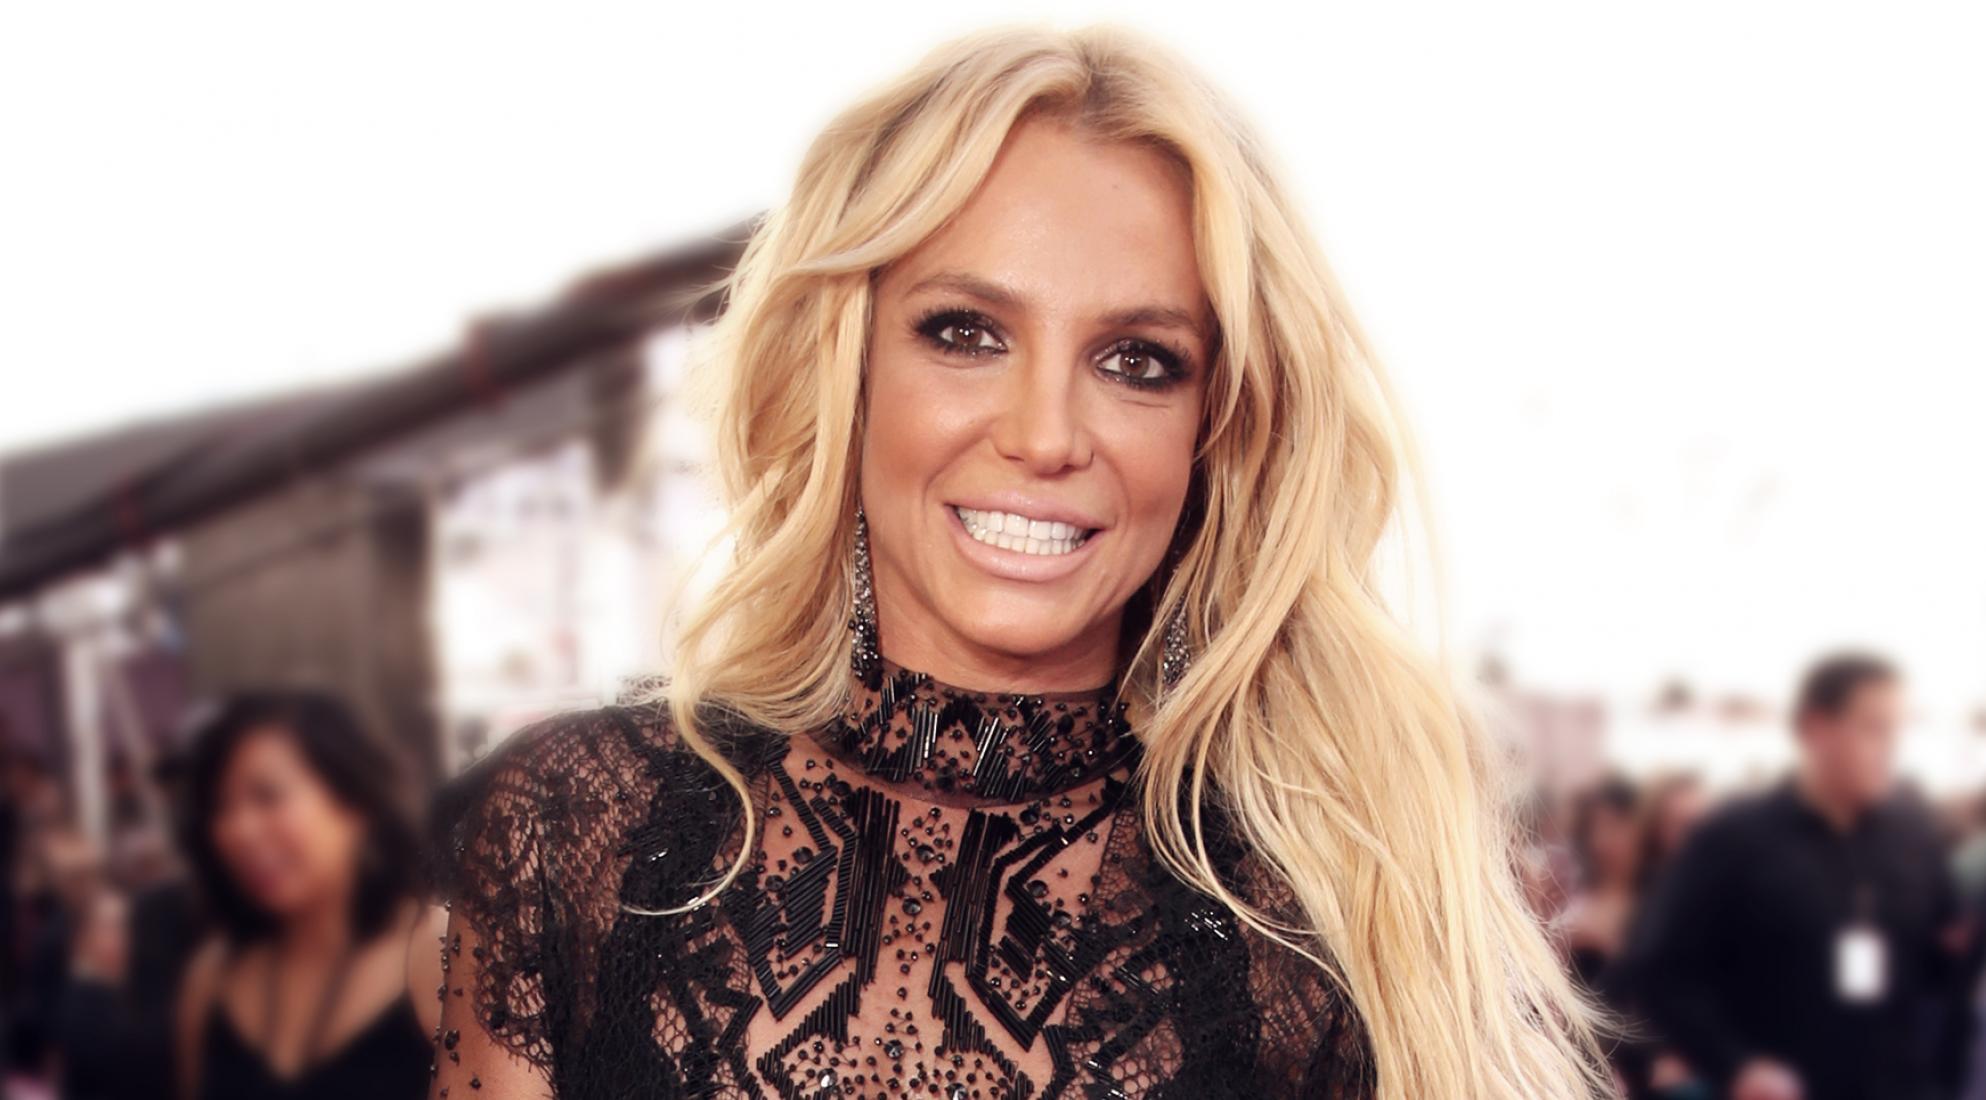 أعلنت المغنية الأميركية بريتني سبيرز تعليق حفلاتها المقررة في مدينة لاس فيجاس وإلتزامات فنية أخرى حتى تكون بجوار أسرتها بعد مرض والدها